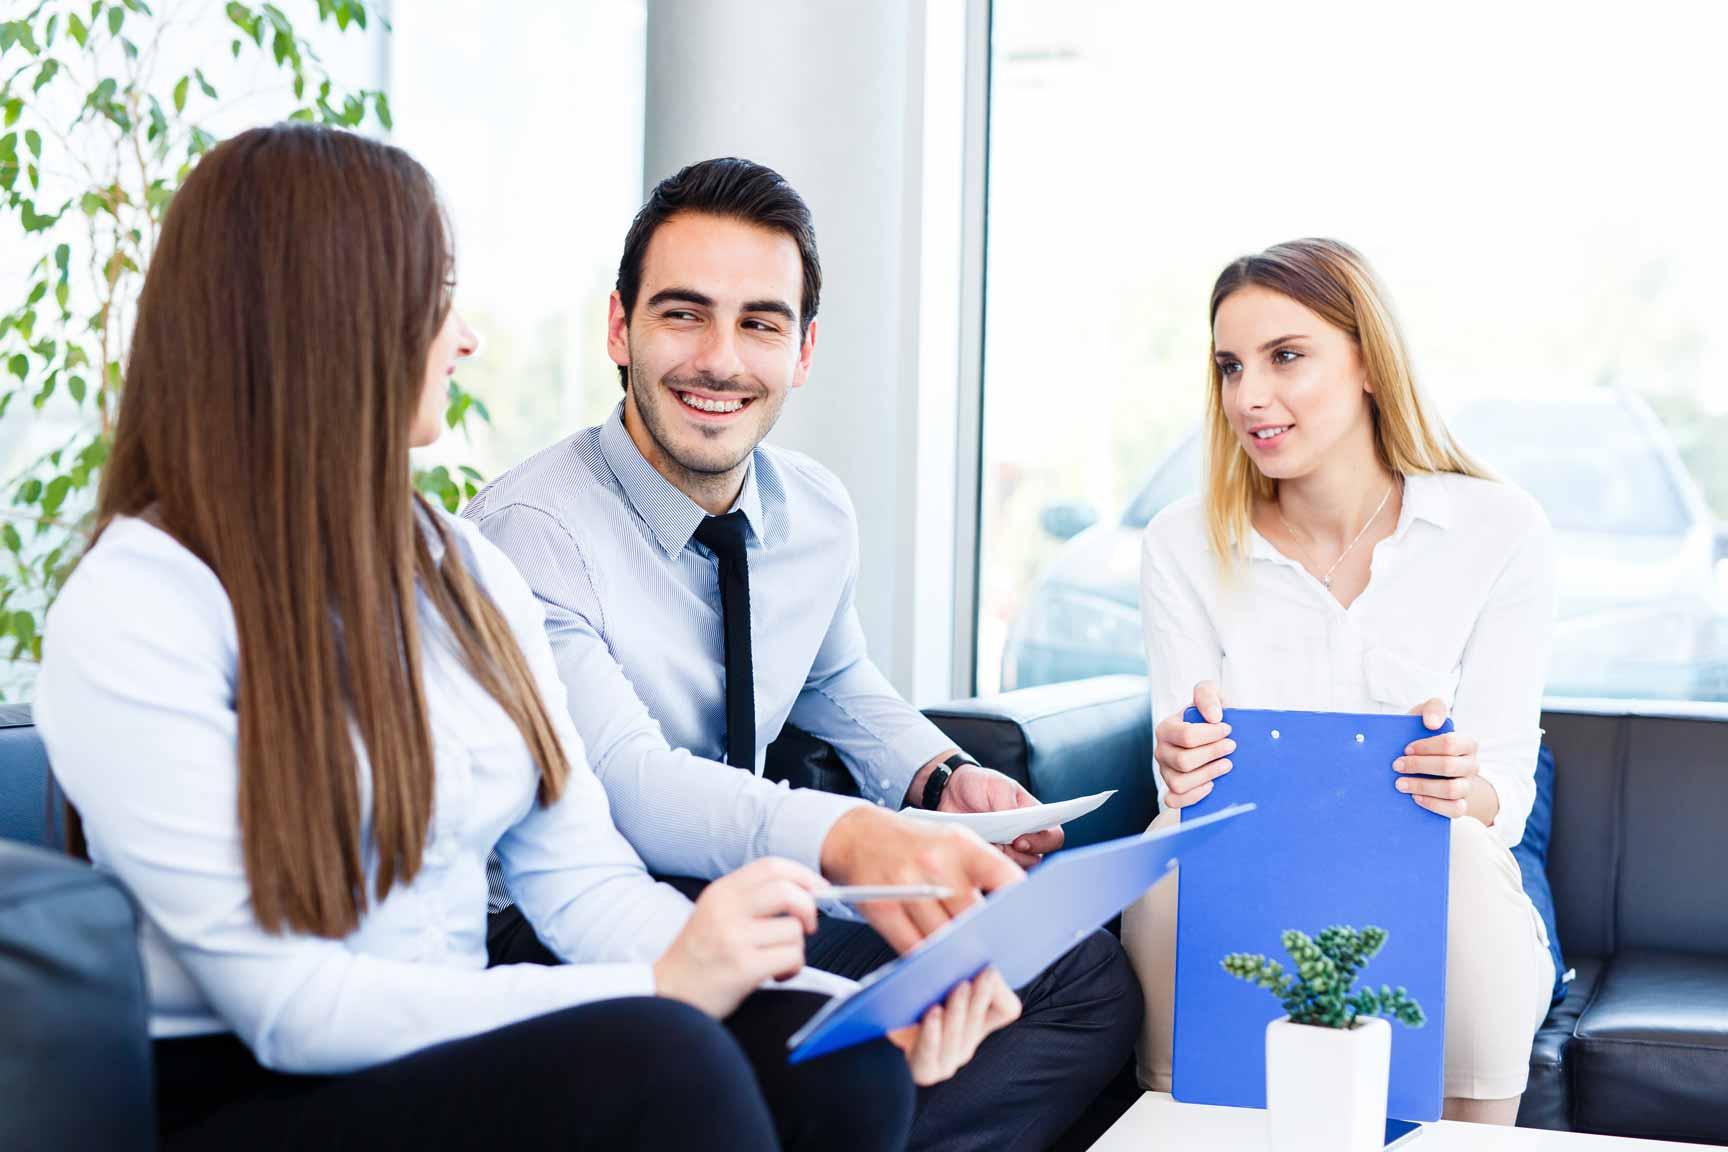 Ein IT-Absolvent im lockeren Vorstellungsgespräch mit zwei Personalerinnen.